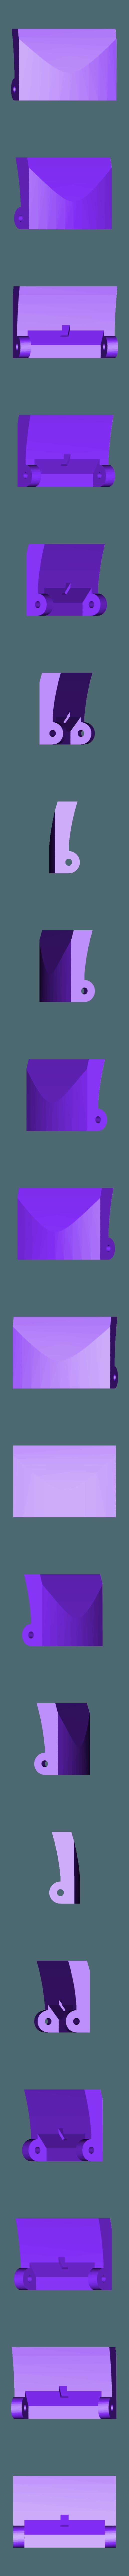 SonyGoldHinge_2.STL Télécharger fichier STL gratuit Charnière de rechange pour casque sans fil Sony Gold Gold • Plan imprimable en 3D, Dsk